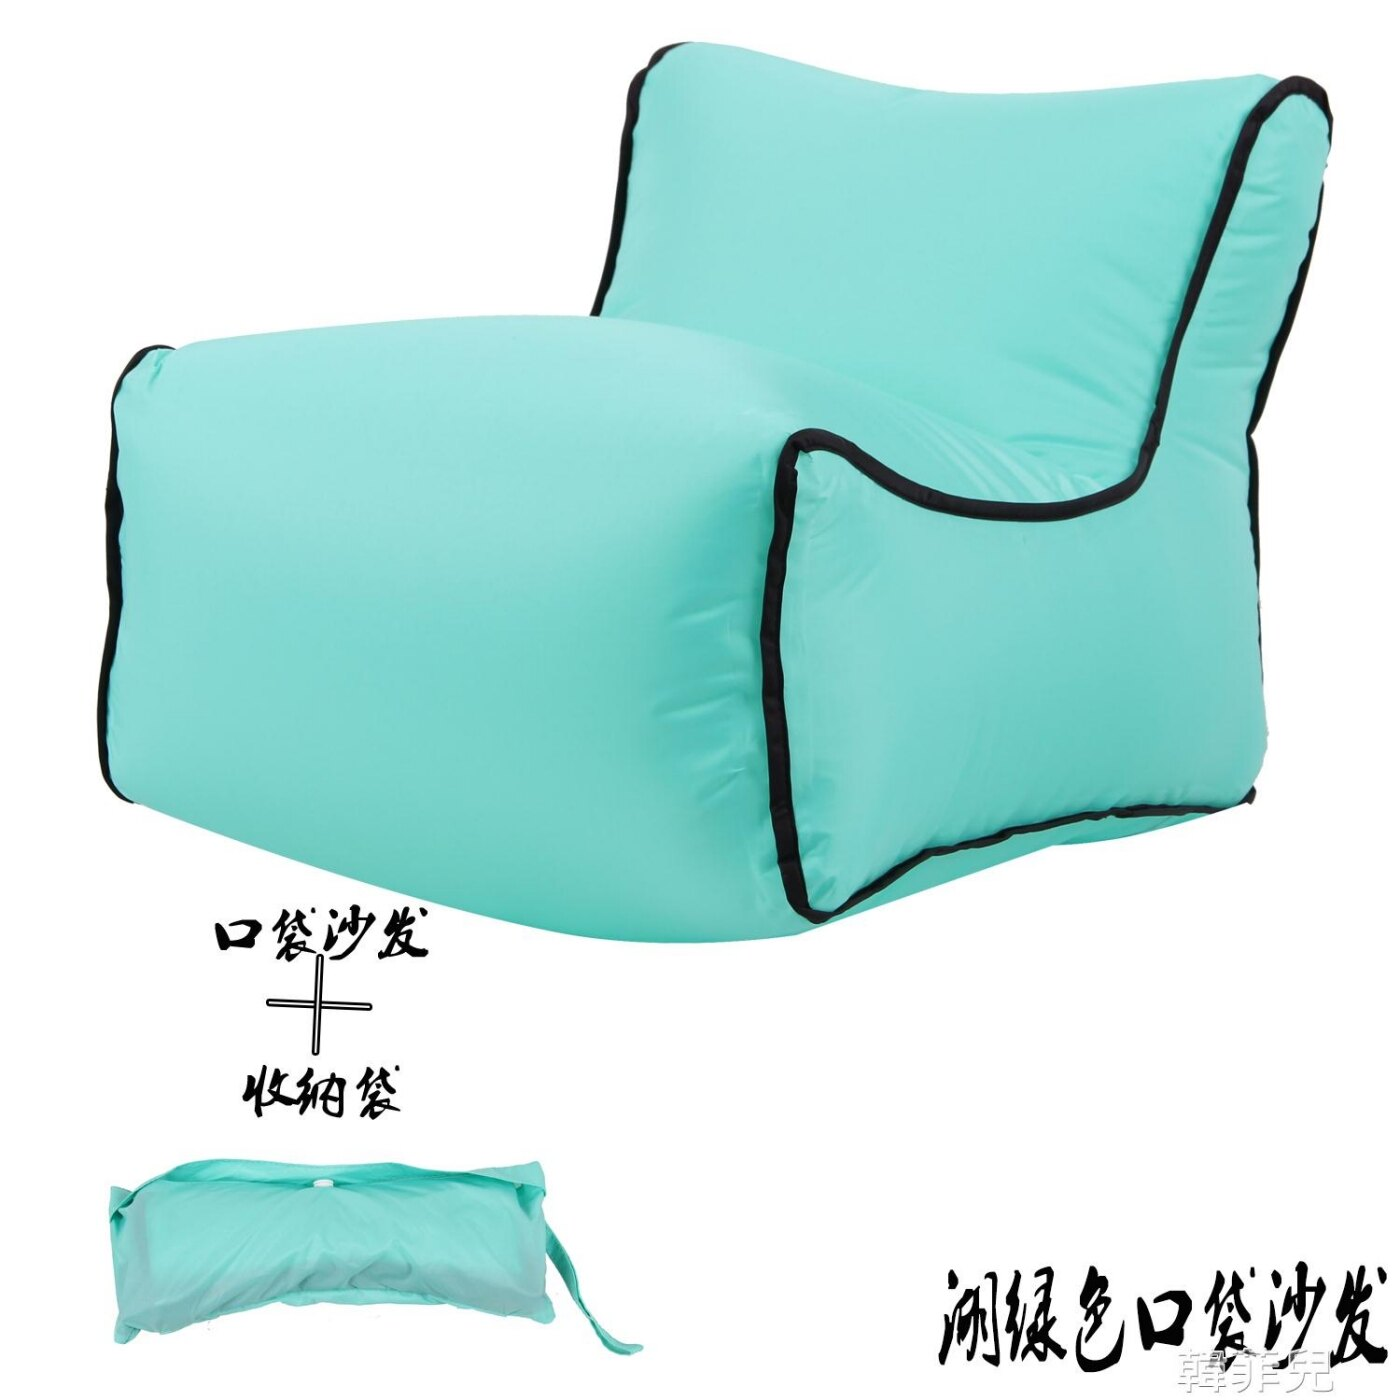 懶人沙發 抖音旅行空氣沙發網紅充氣躺椅懶人單人露營座椅戶外創意便攜椅子 2021新款